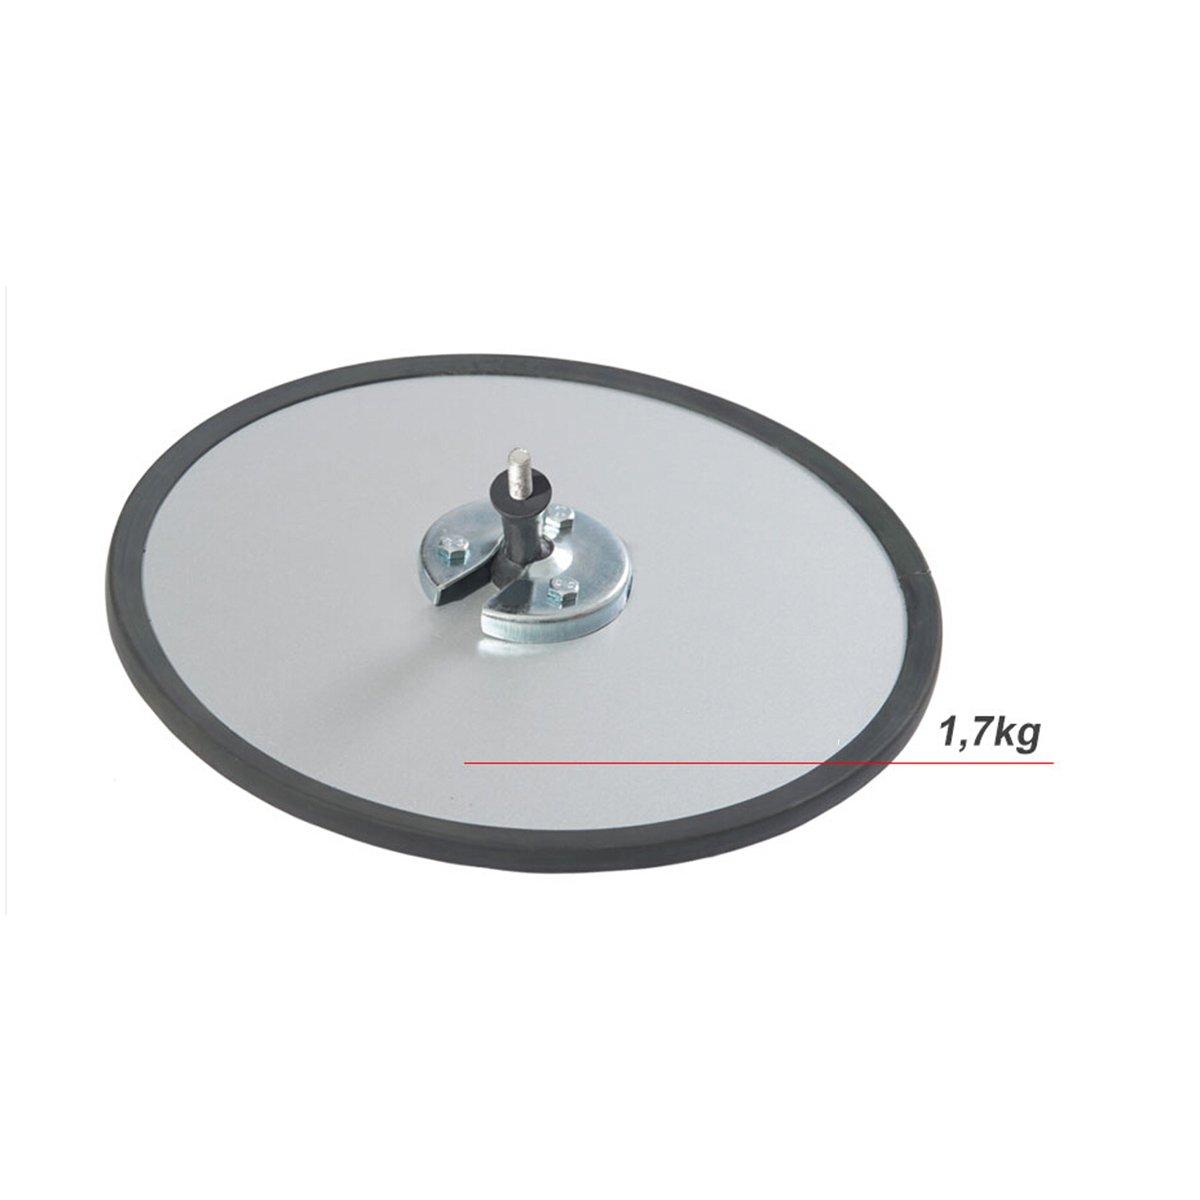 DXP Miroir Convexe De La Circulation Ext/éRieur Miroir De Surveillance Pour La S/éCurit/é Diam/èTre 30 Cm Panoramique